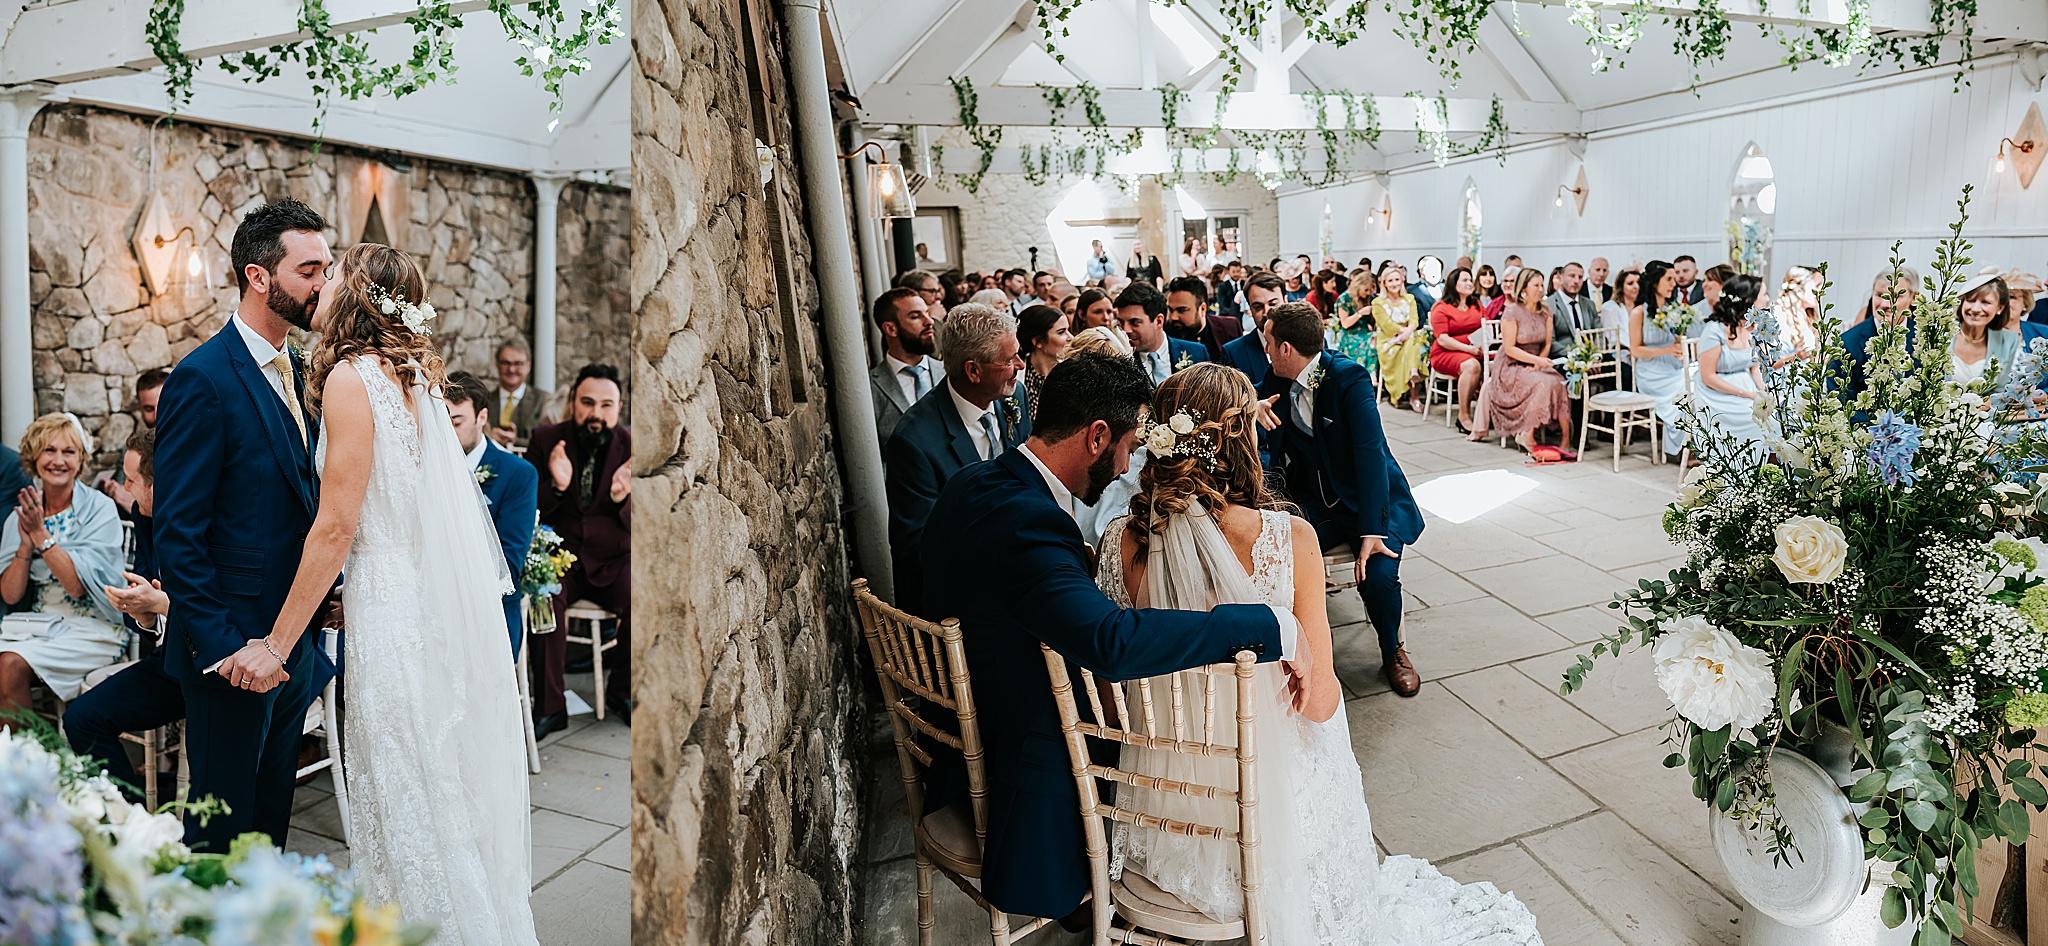 wyresdale park wedding barn at scorton